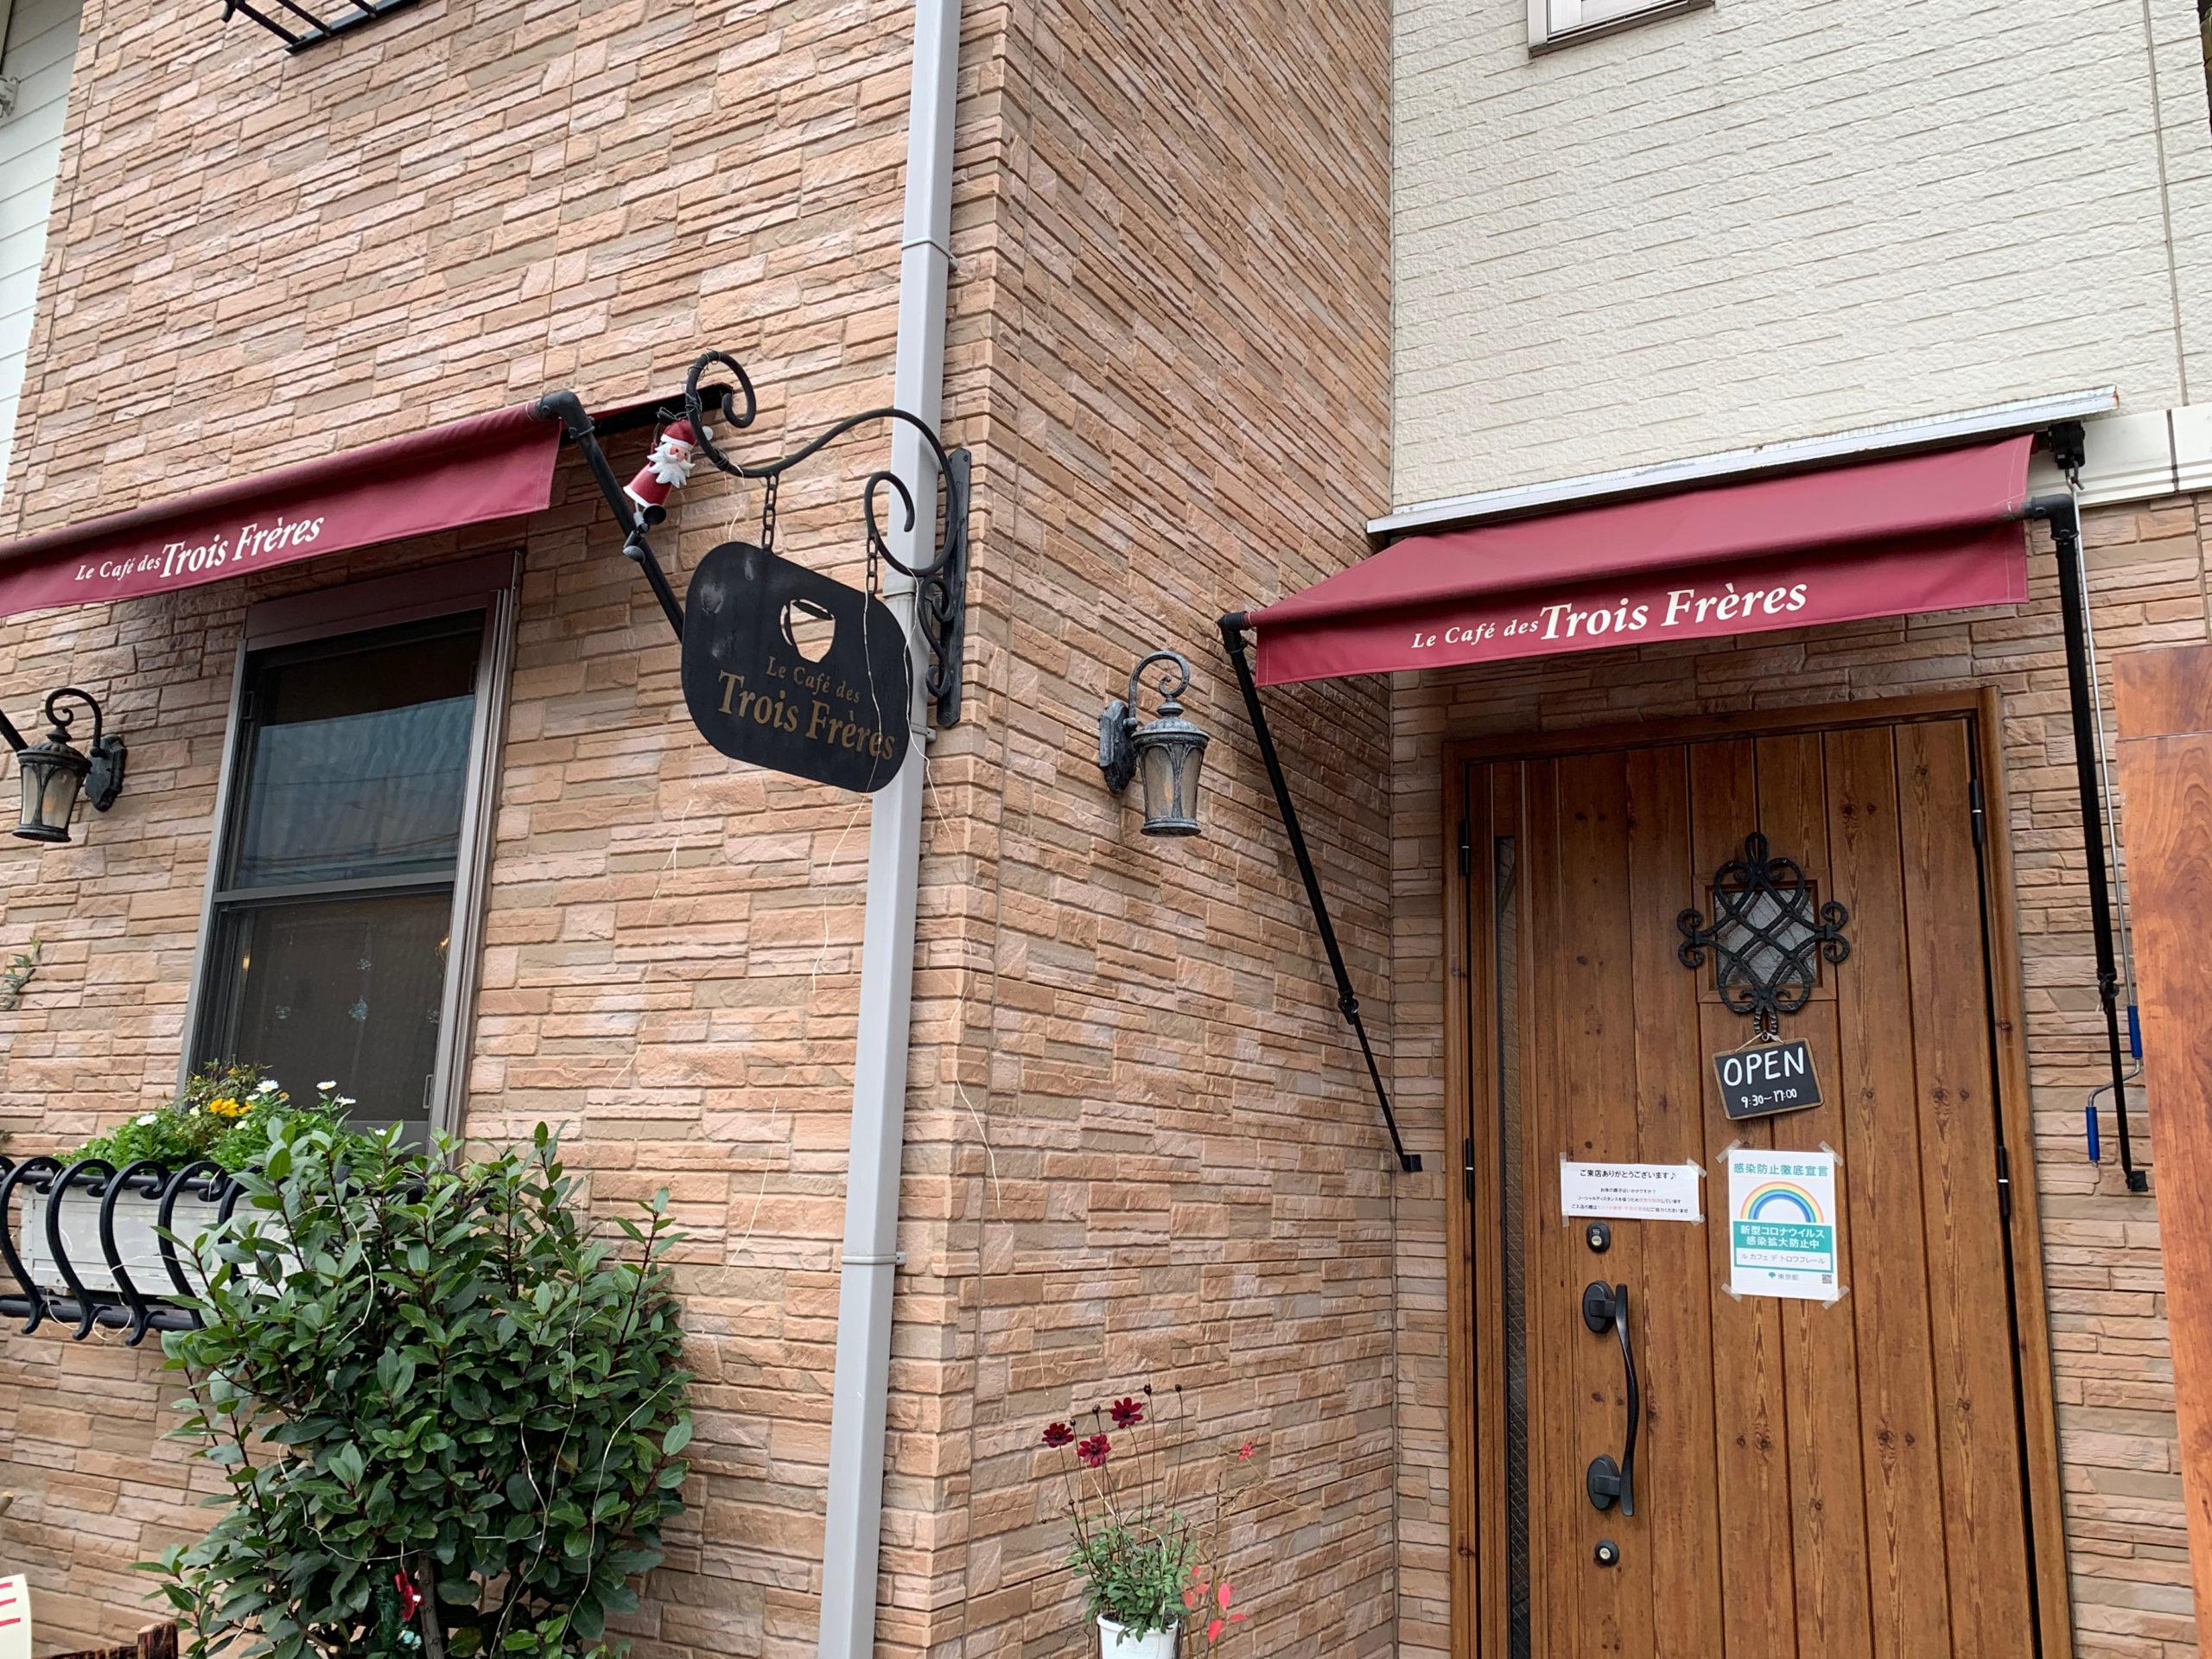 【来店予約の電話がかかる江東区の名店カフェ】絶品スイーツとランチを堪能しました。at ル カフェ デ トロワフレール